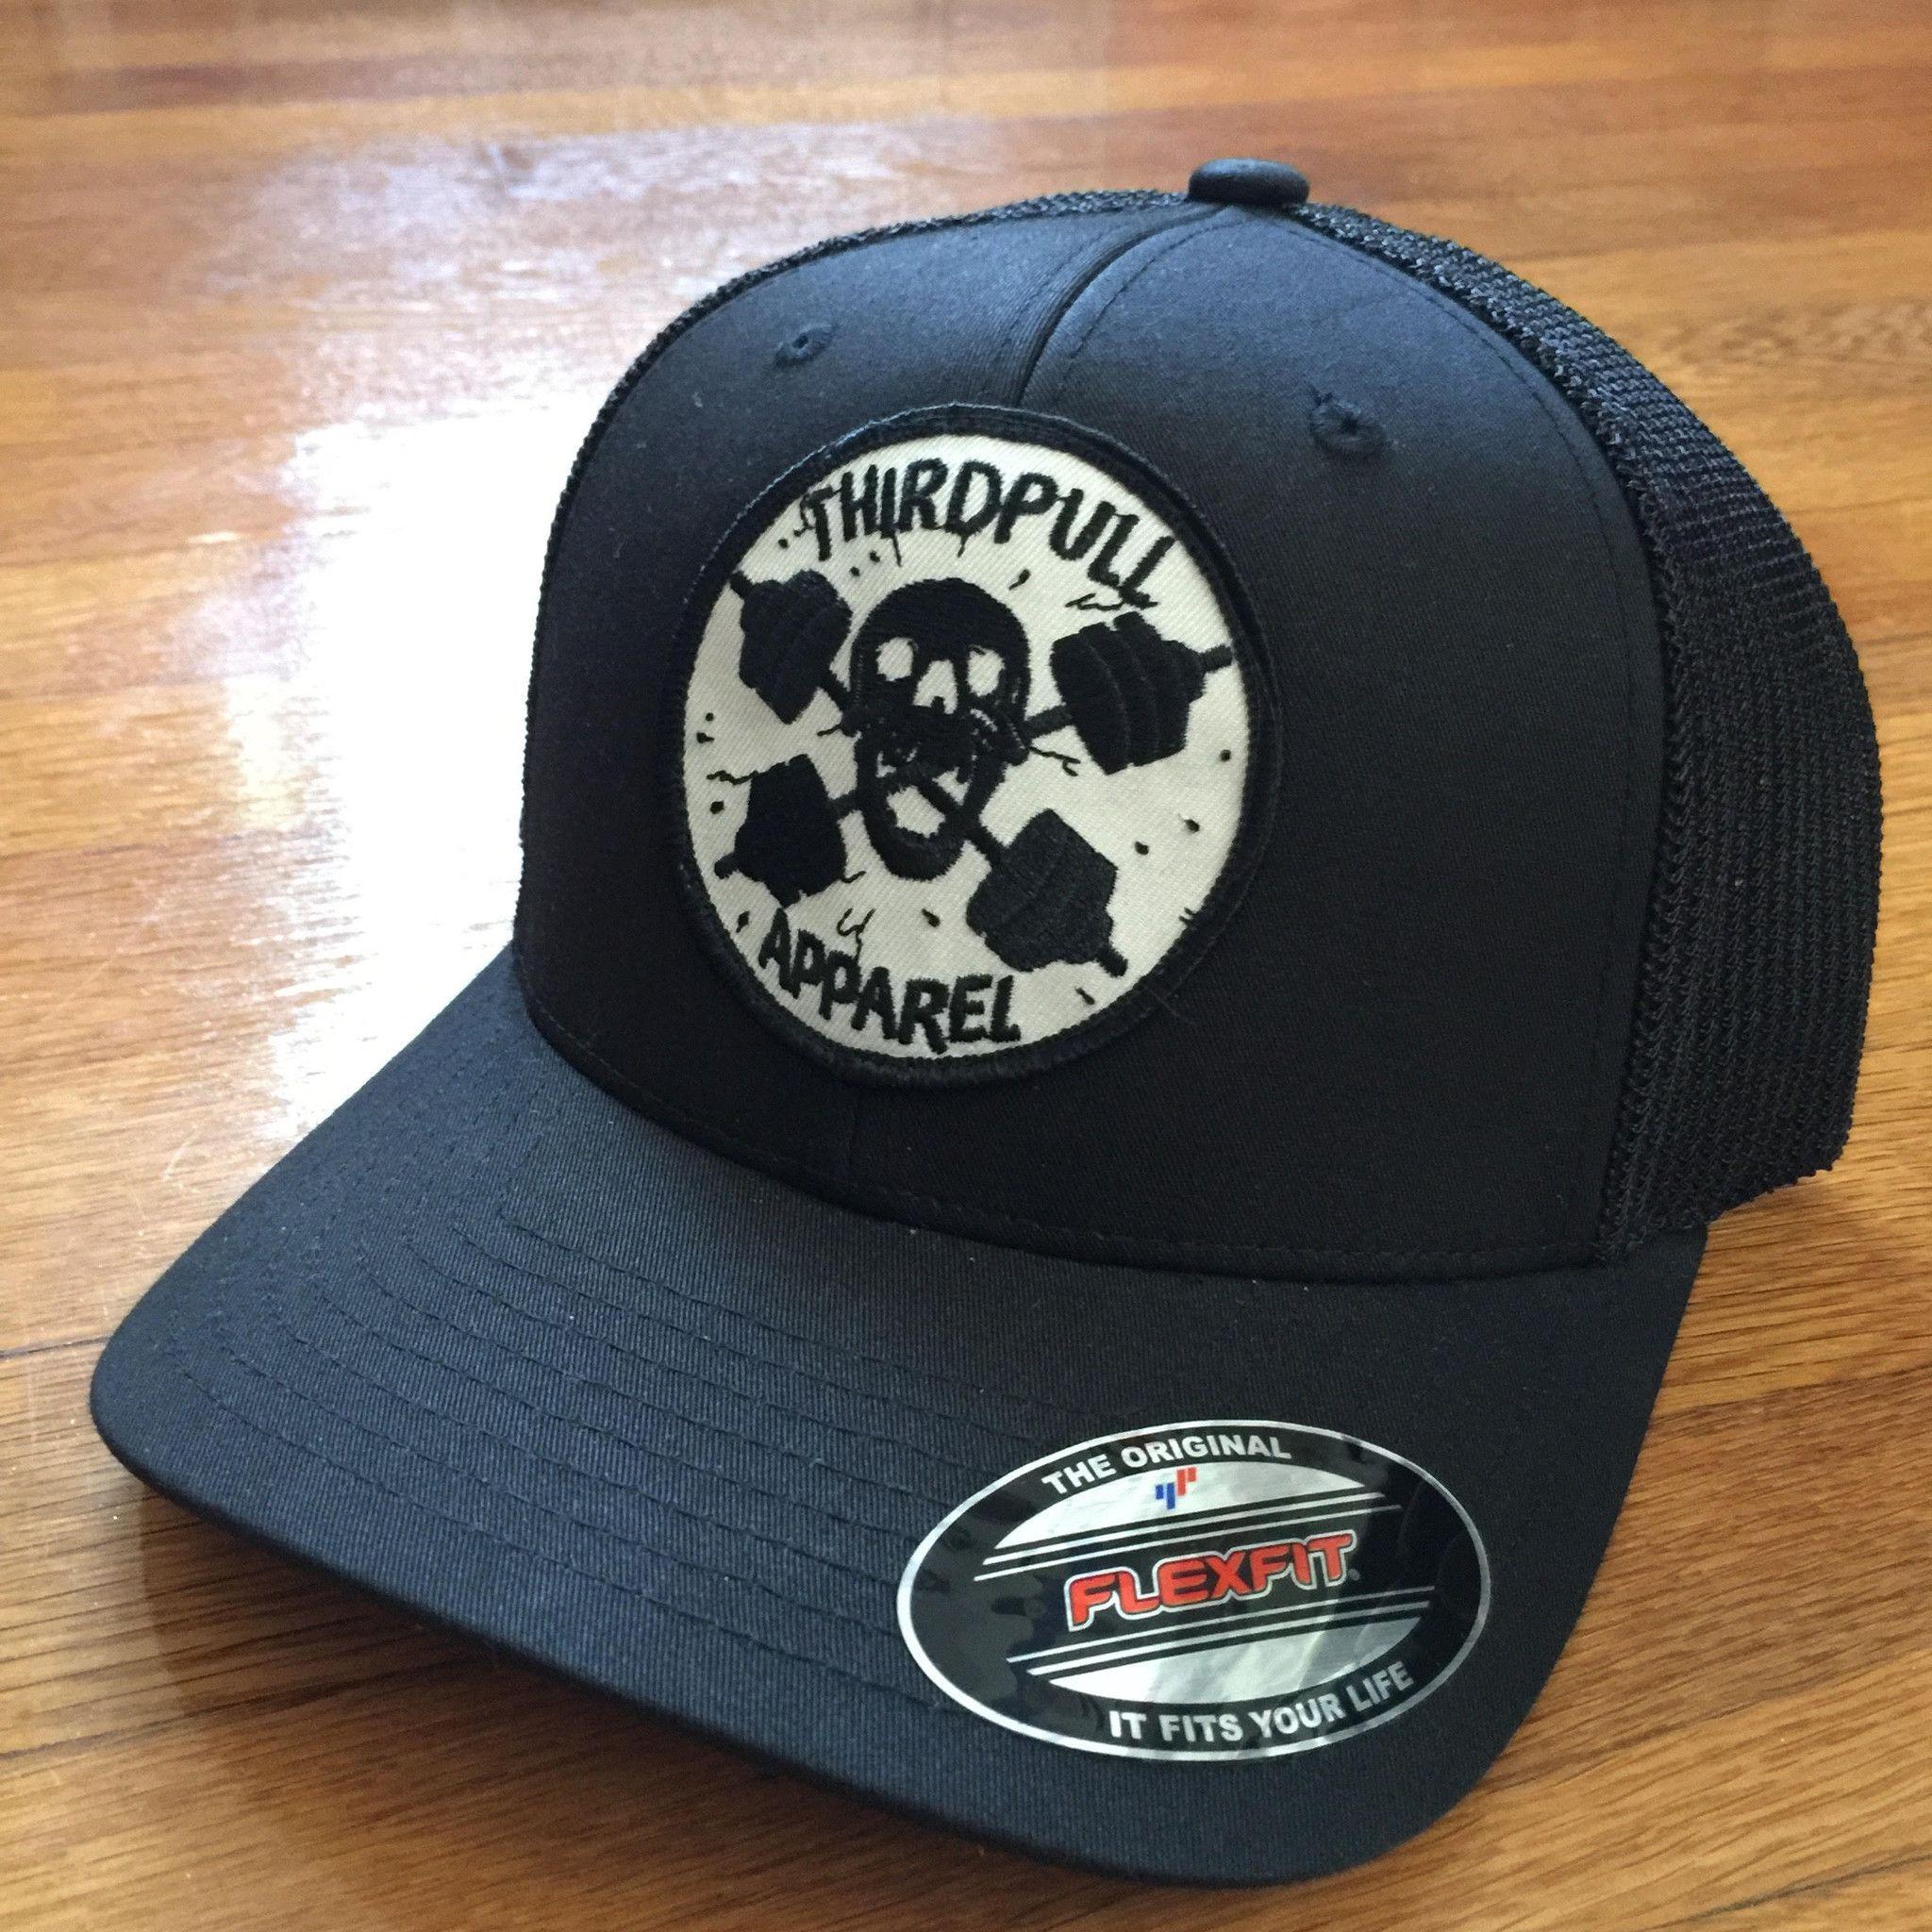 600029b387e256 Flex Fit Trucker Hat   Products   Pinterest   Trucker hats, Flex fit ...